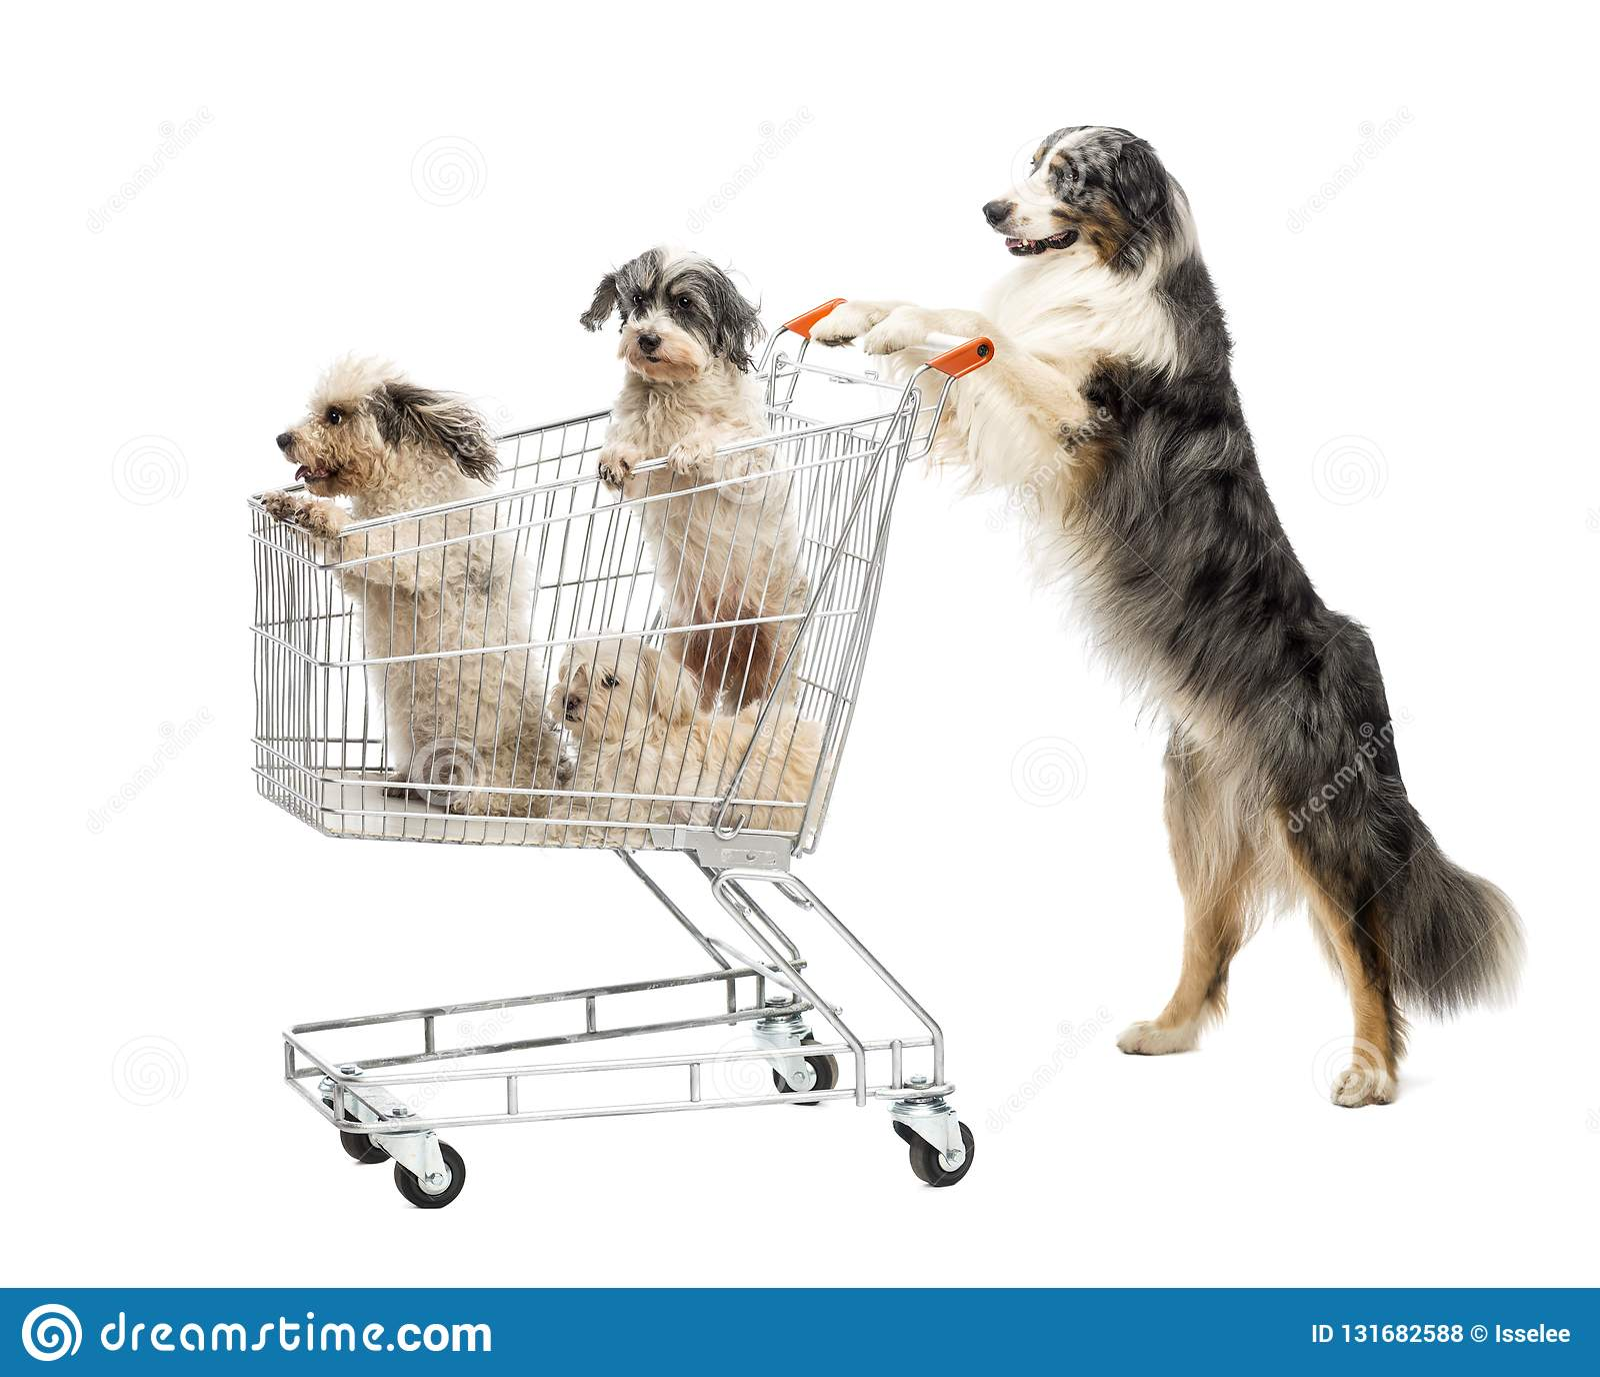 Australische Schäferstellung auf Hinterbeinen und Druck eines Einkaufswagens mit Hunden gegen weißen Hintergrund